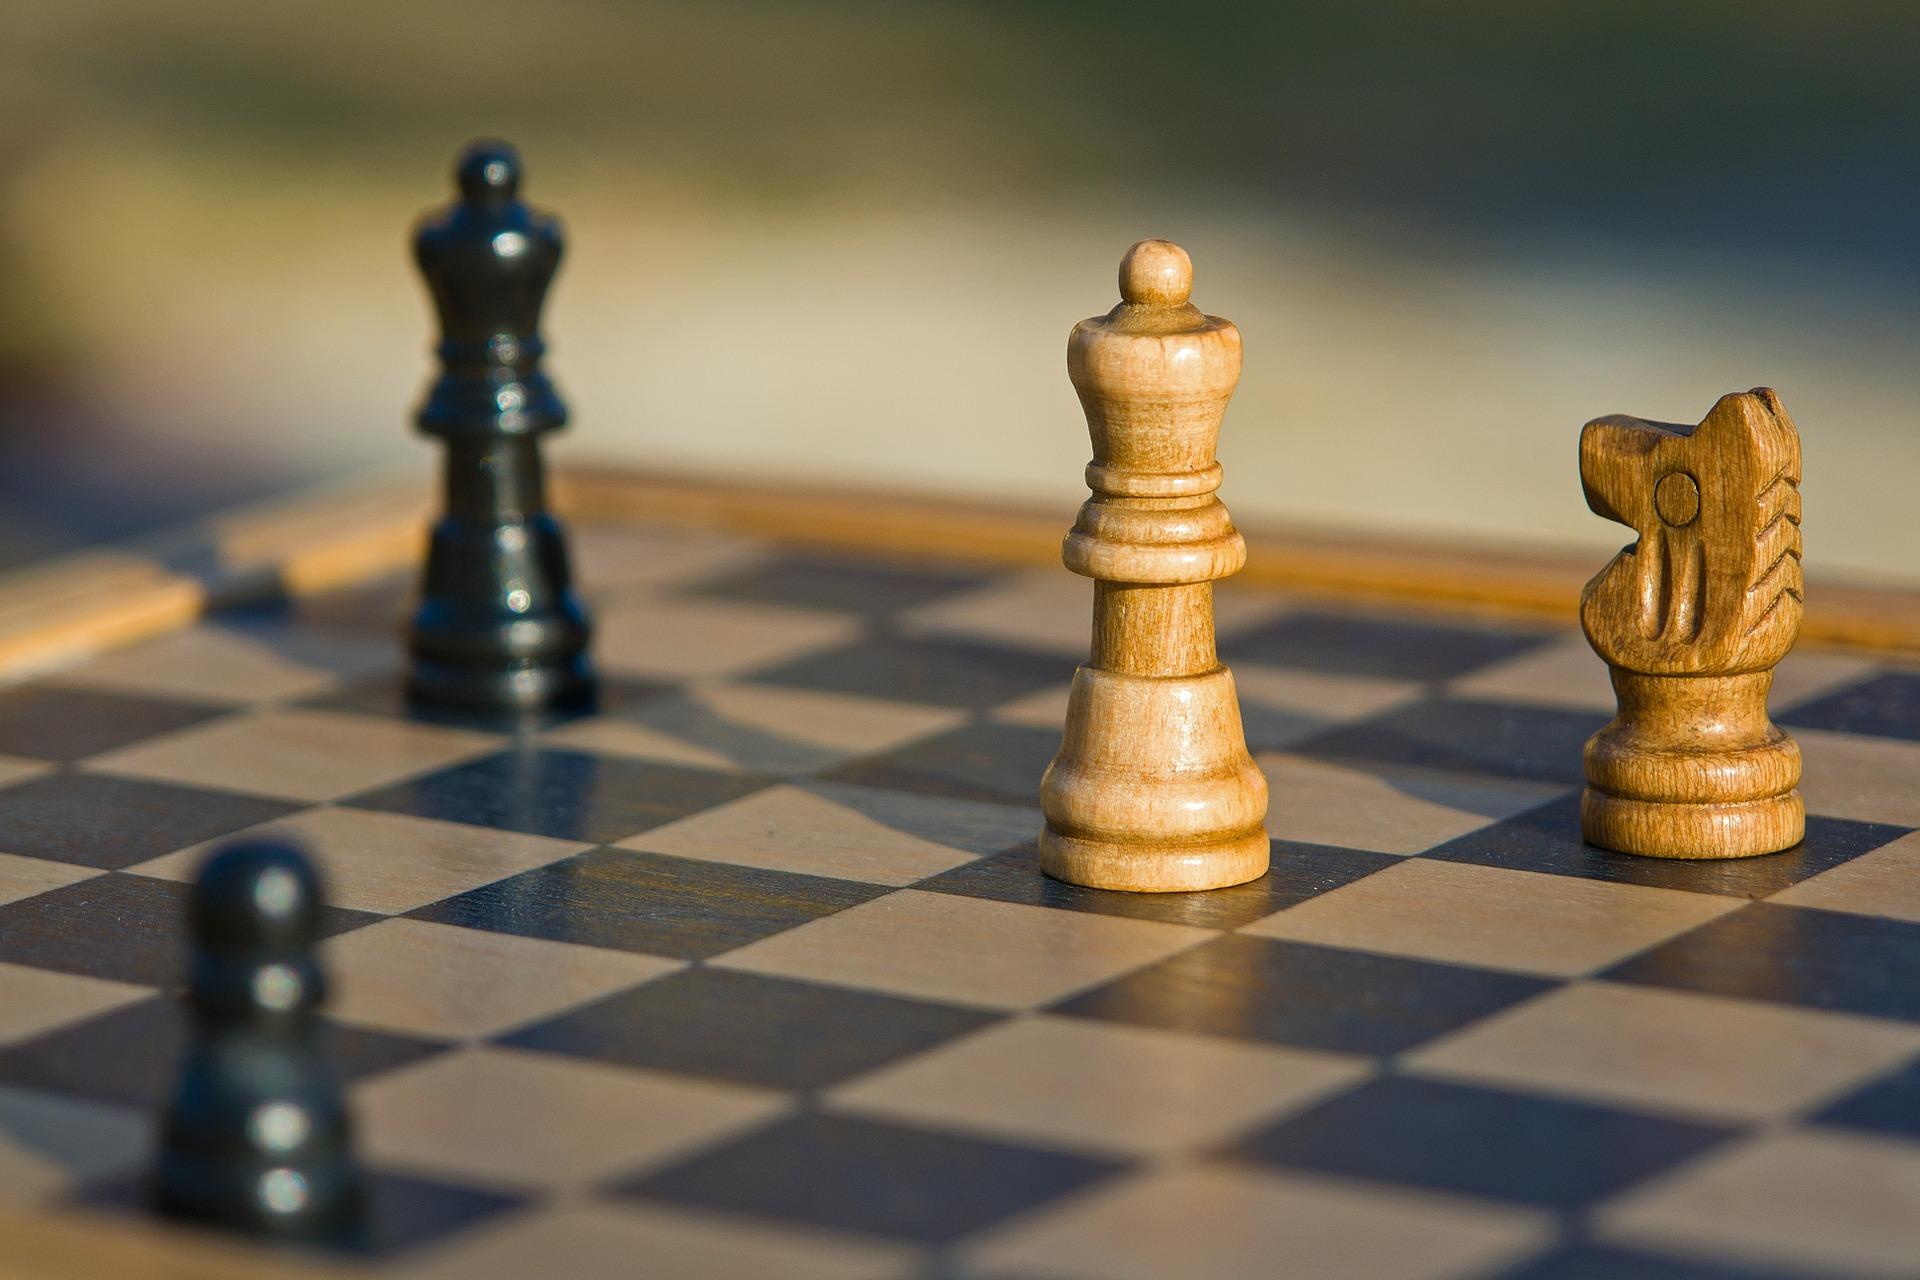 czarny pionek, czarny hetman, biały skoczek, biały hetman, szachy dla dzieci, zdjęcie, figury szachowe, szachownica, współdziałanie,